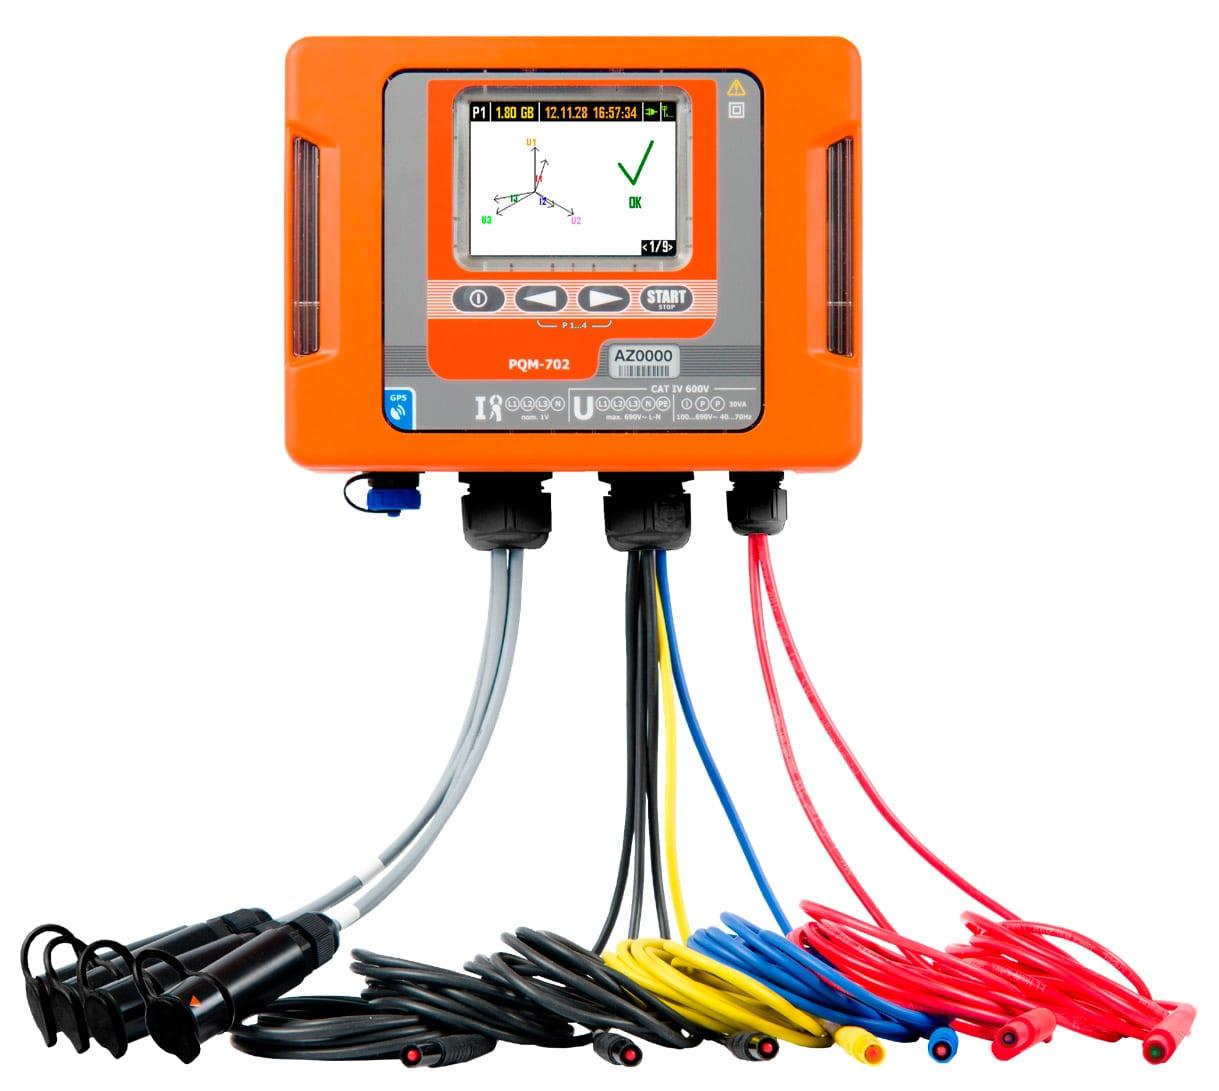 Analizadores de calidad de energía APQM-702/APQM-703